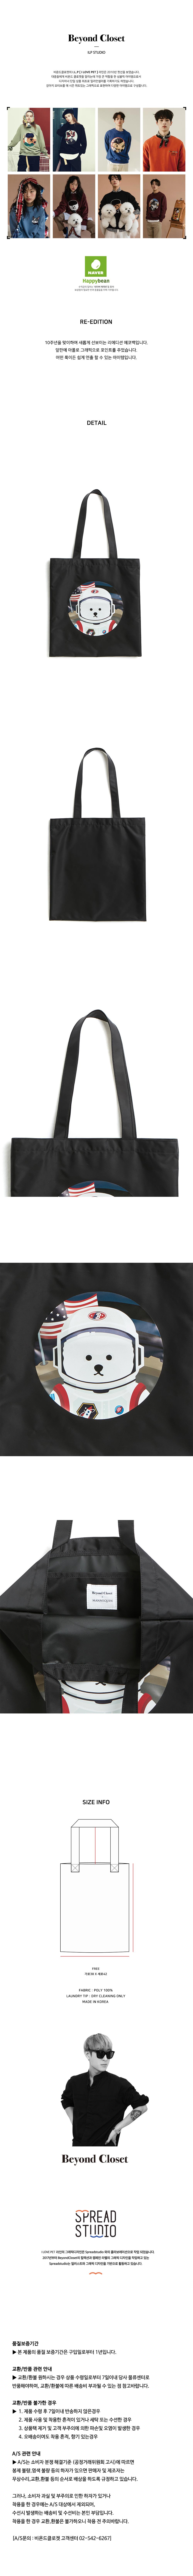 [RE-EDITION]APOLLO DOG NYLON TOTE-BAG BLACK